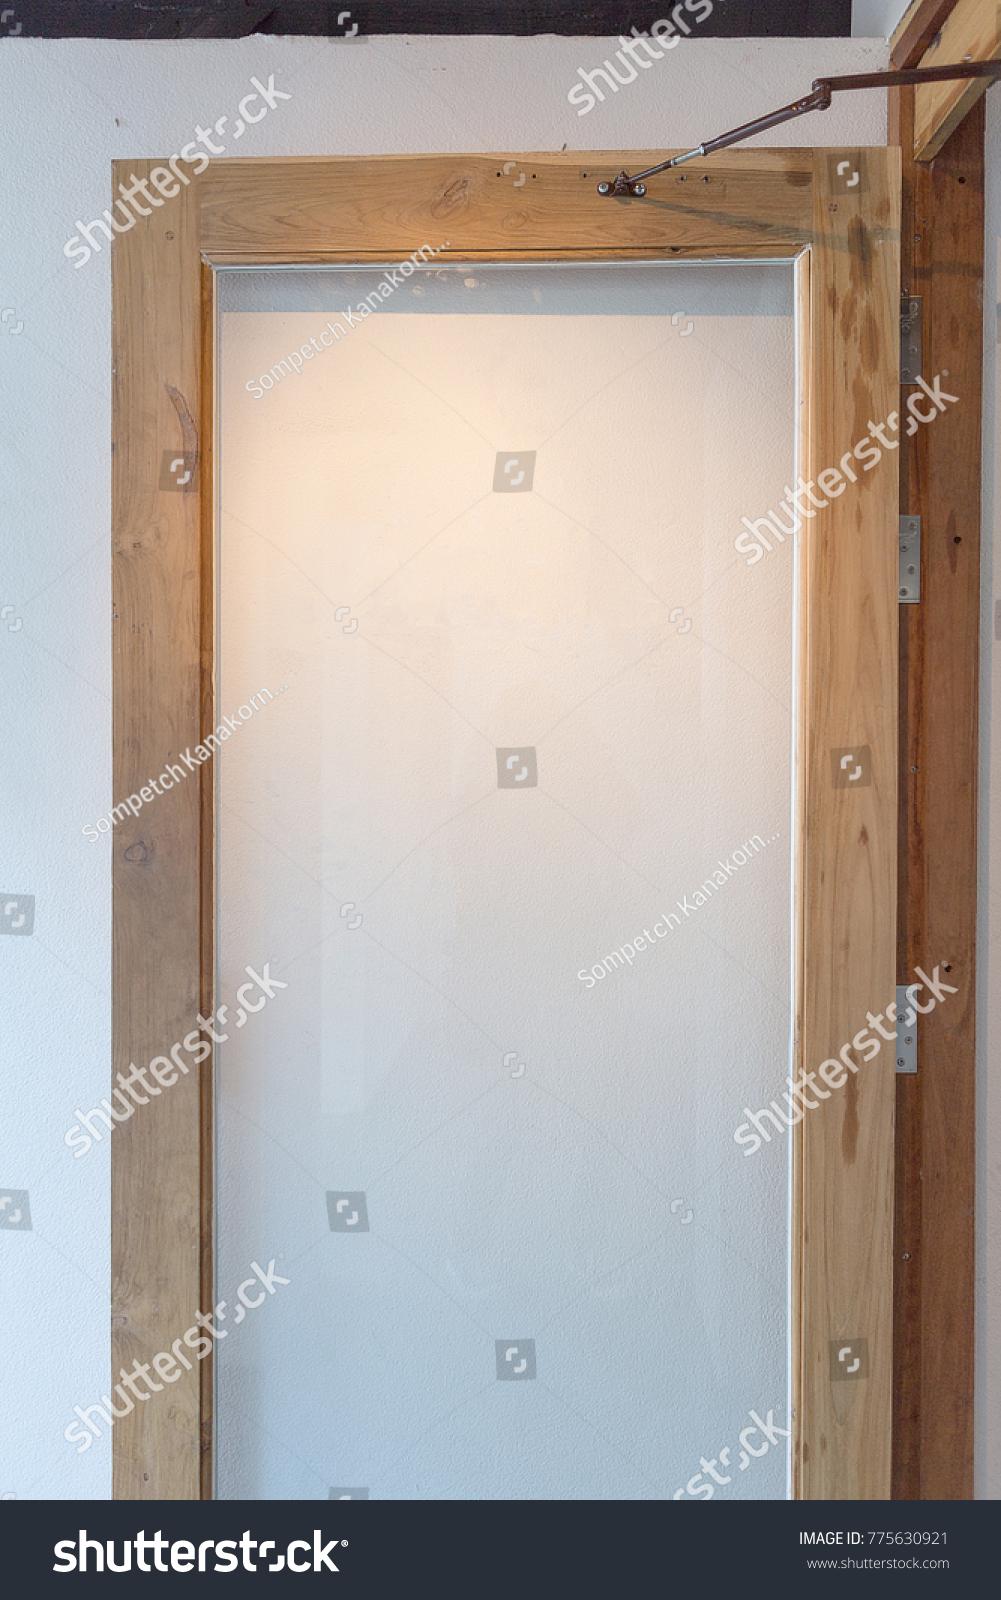 Door Wood Frame Clear Glass Panel Door Stock Photo (Royalty Free ...